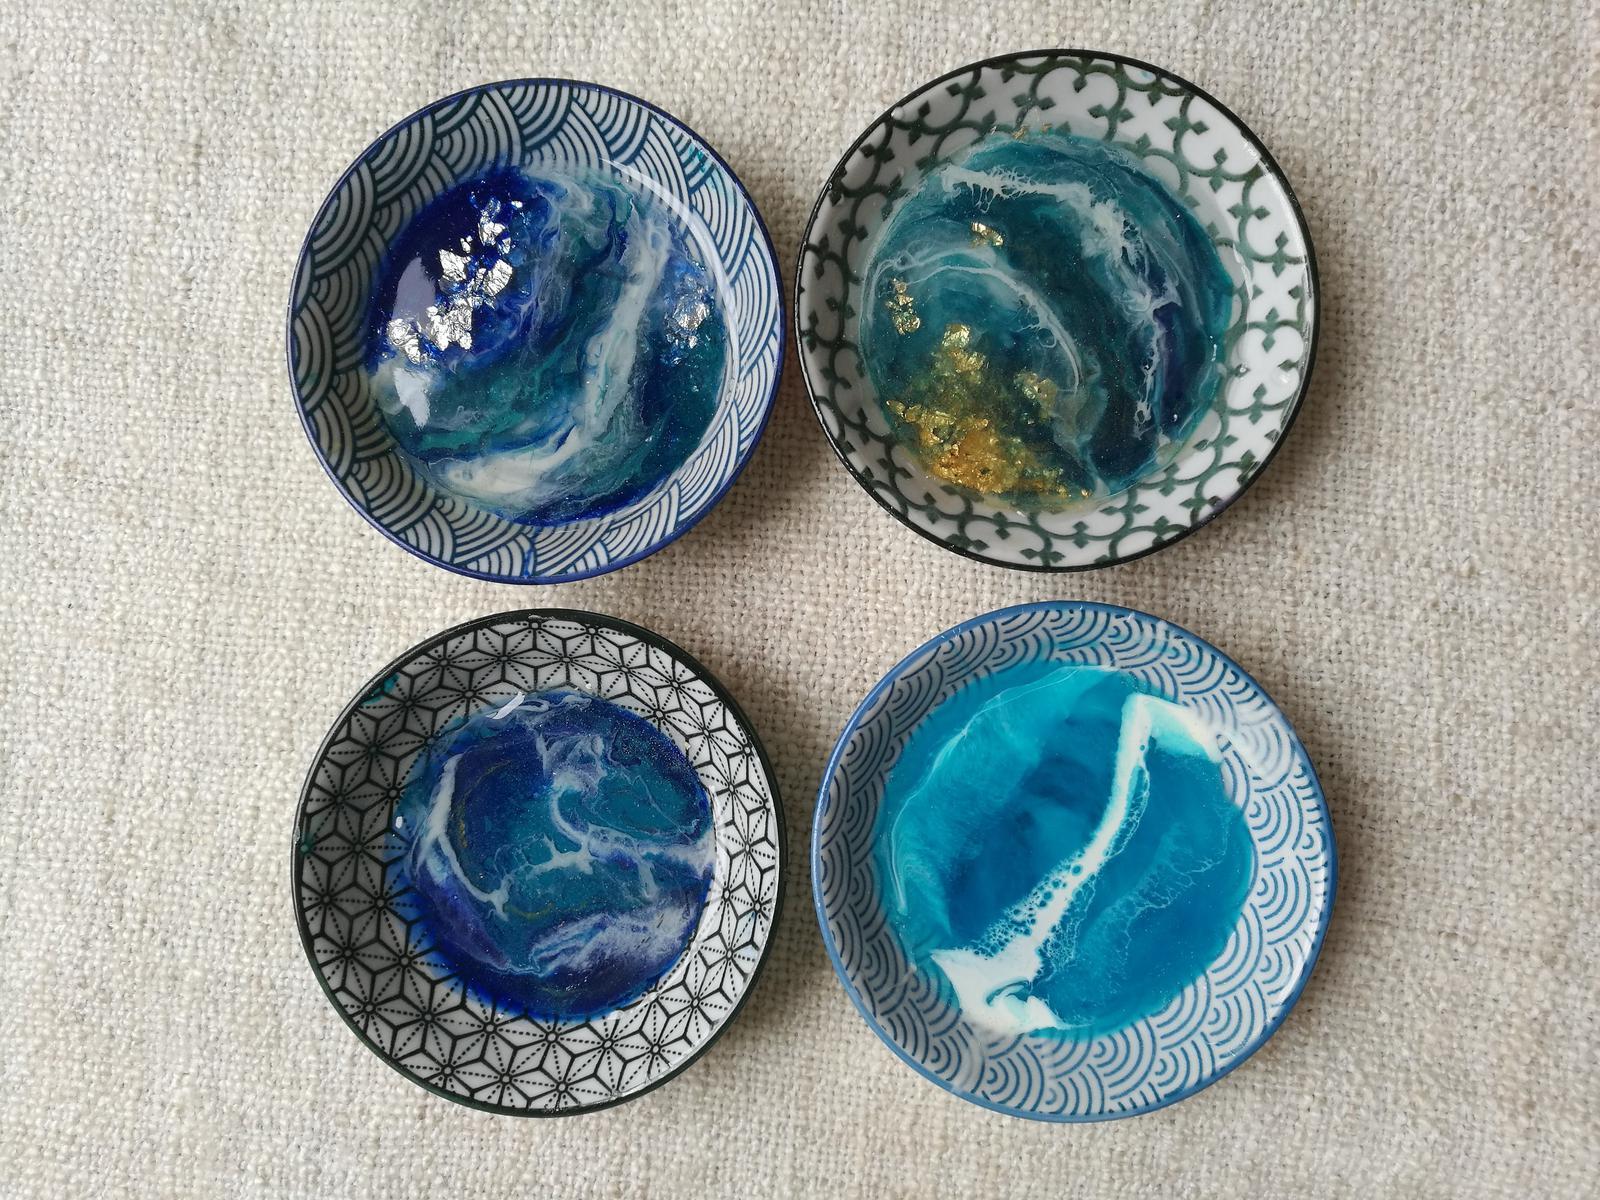 Ring bowls